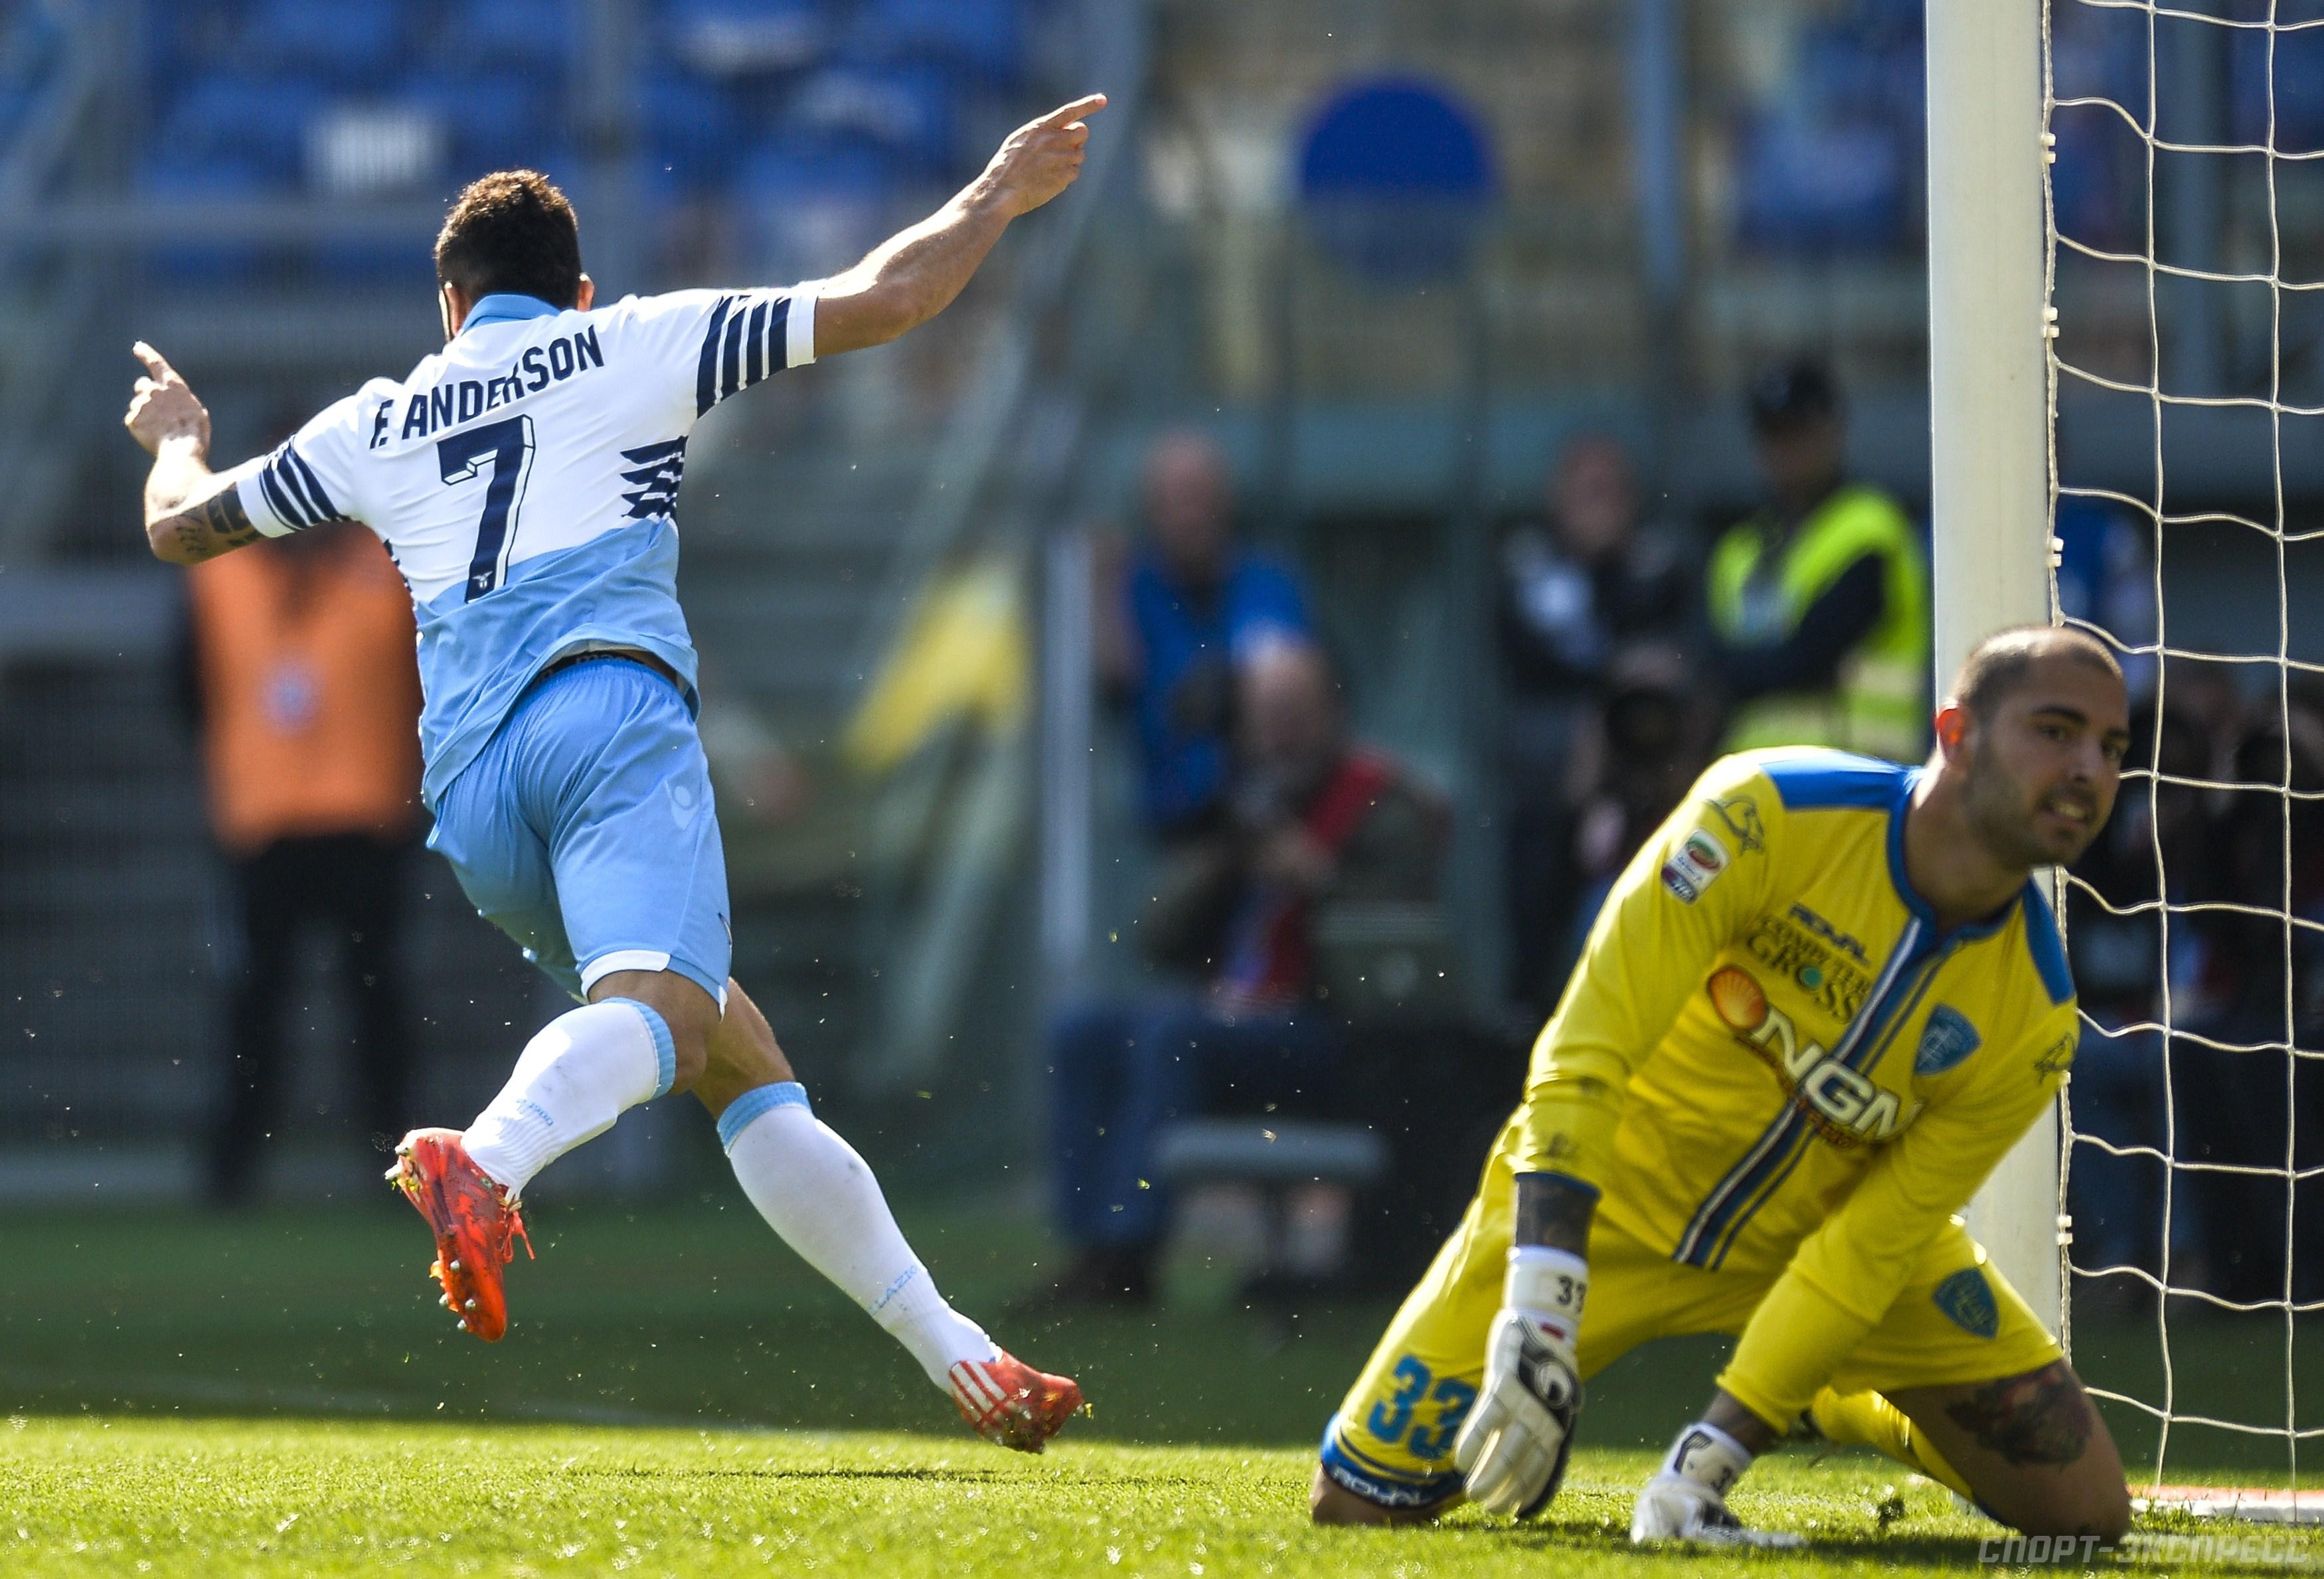 Как сыграют Ювентус и Сассуоло На что делать ставки на чемпионат Италии 16 Сентября 2018